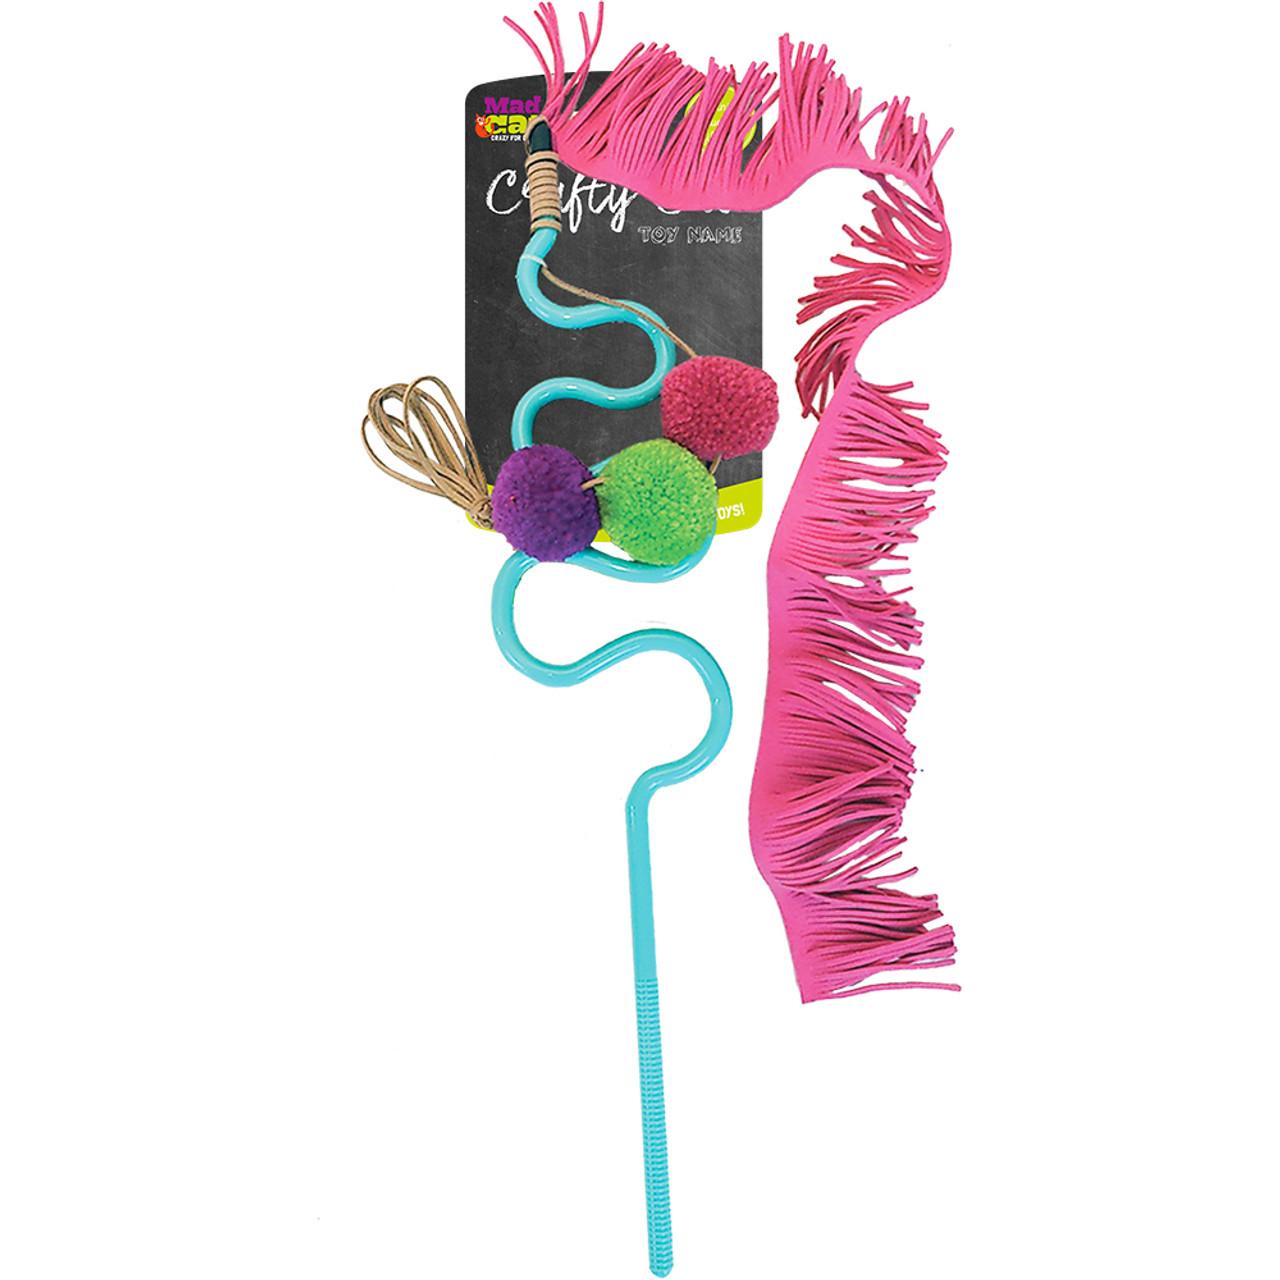 Mad Cat Frisky Fringe Wand Cat Toy